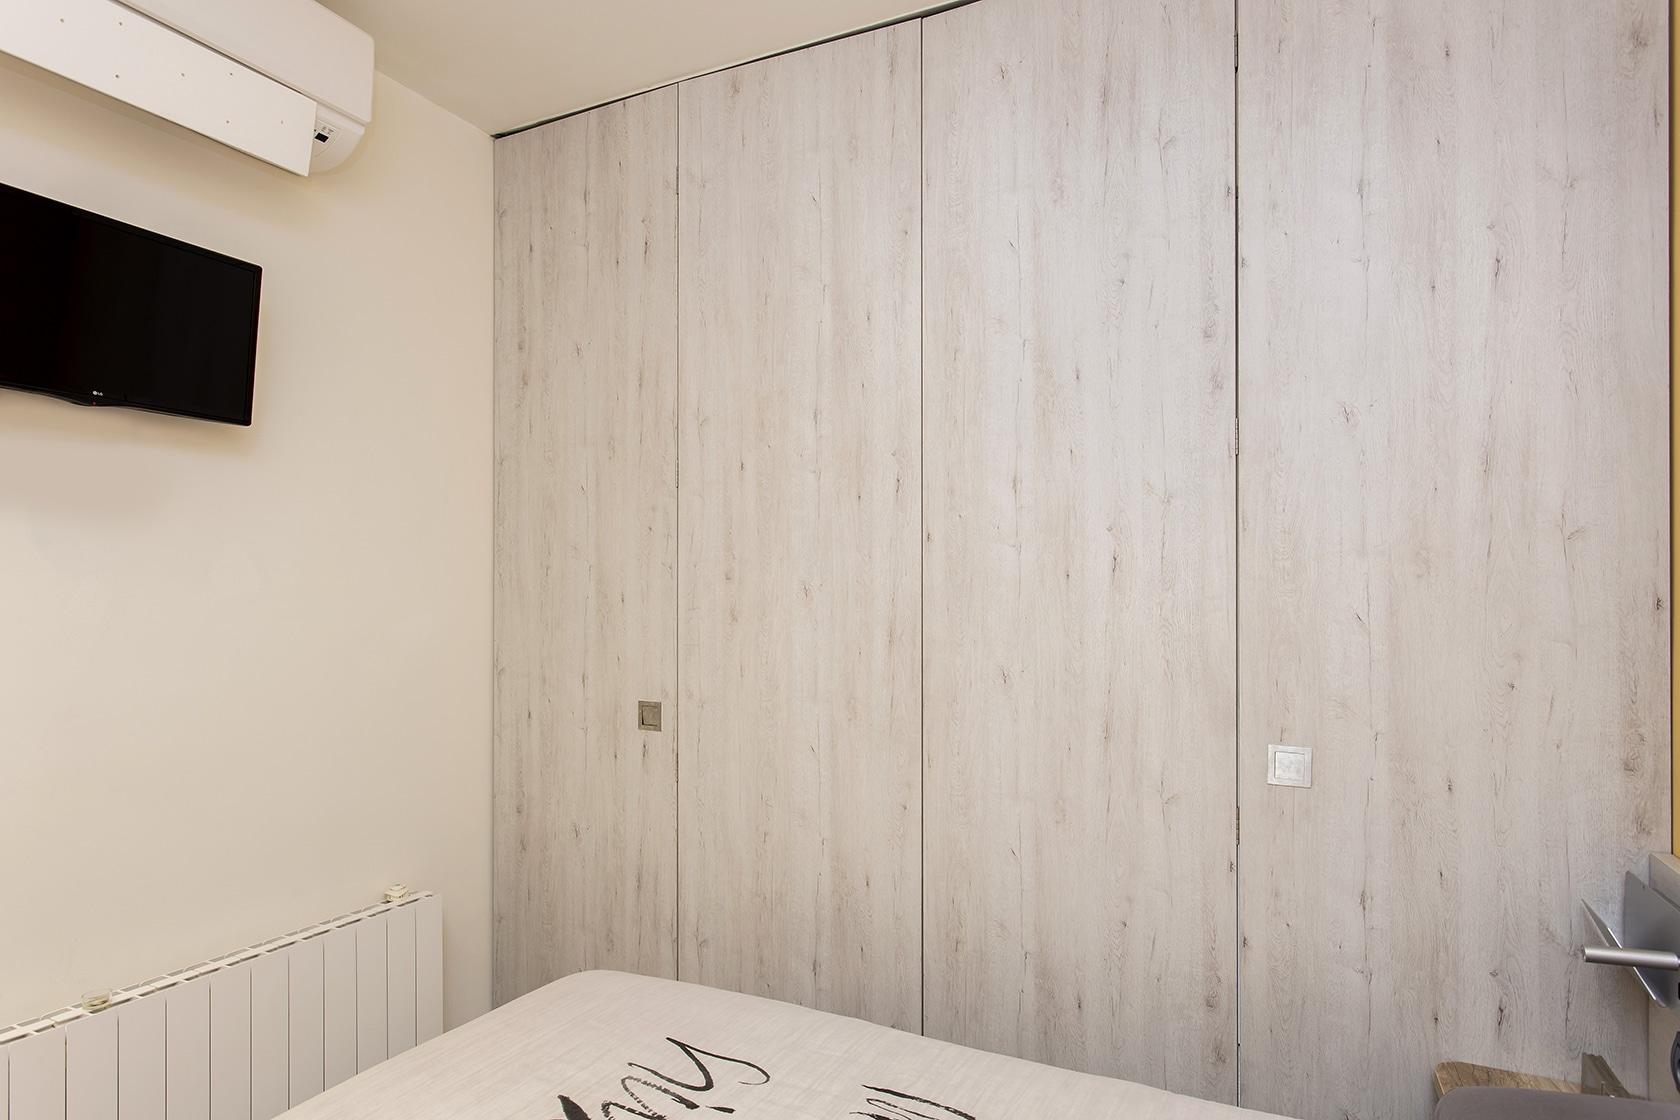 Habitación vista des de dentro con los paneles cerrados